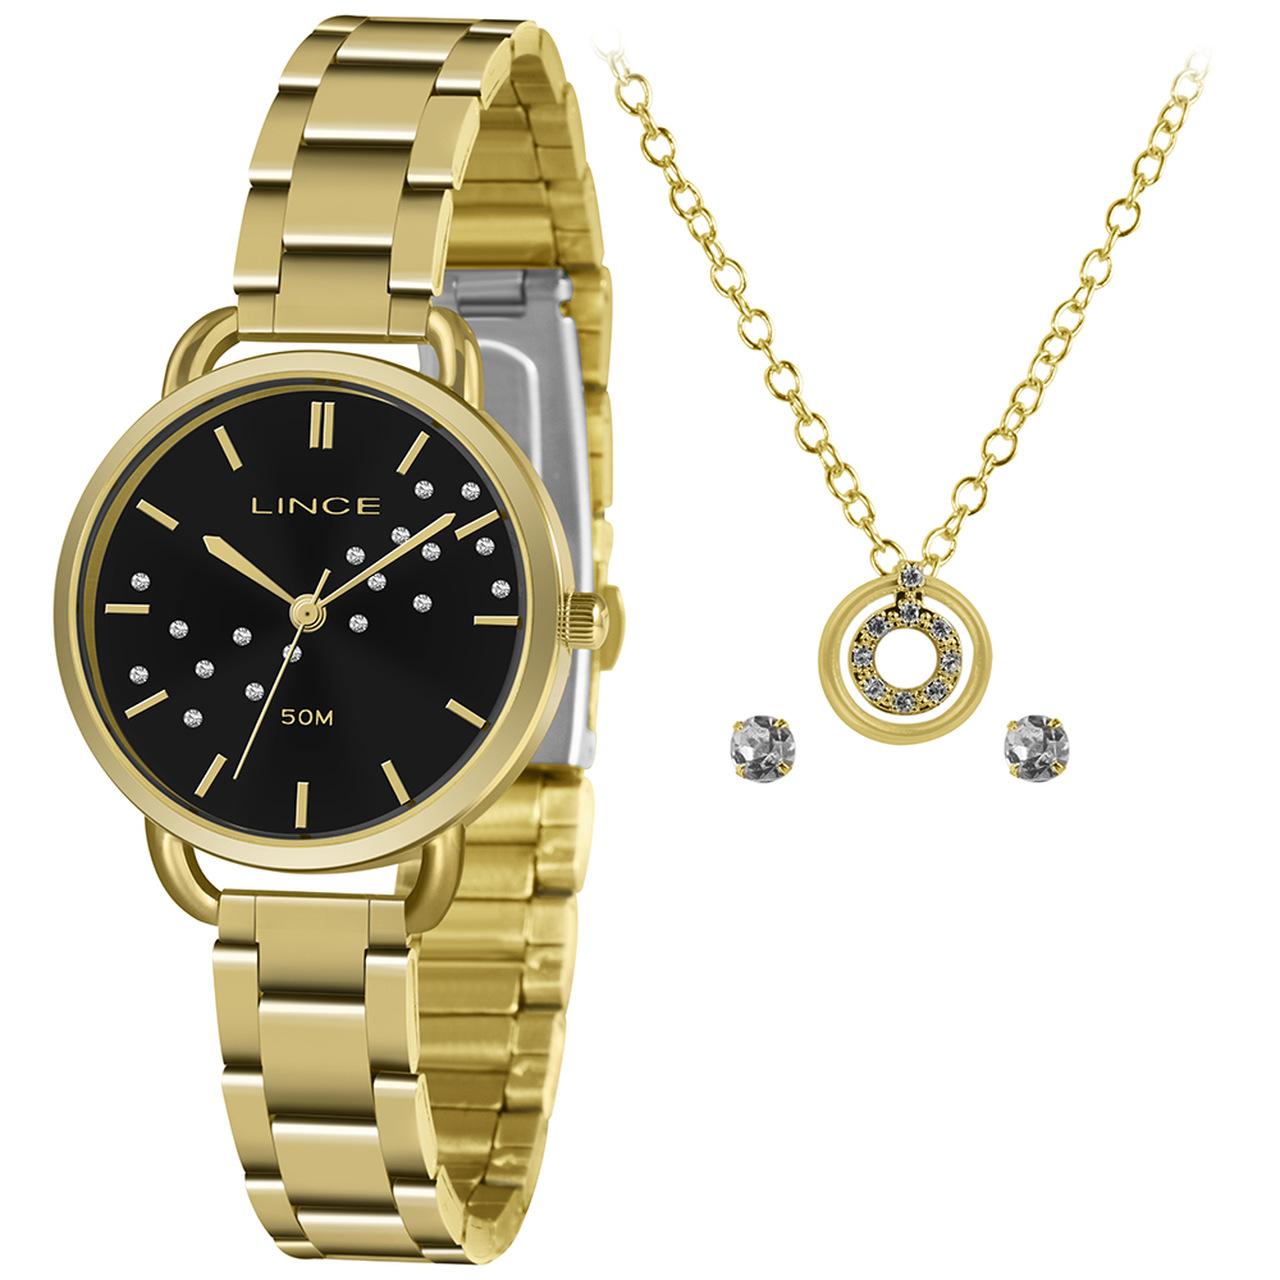 Relógio Urban Feminino Analógico LRGH157L Dourado - Lince